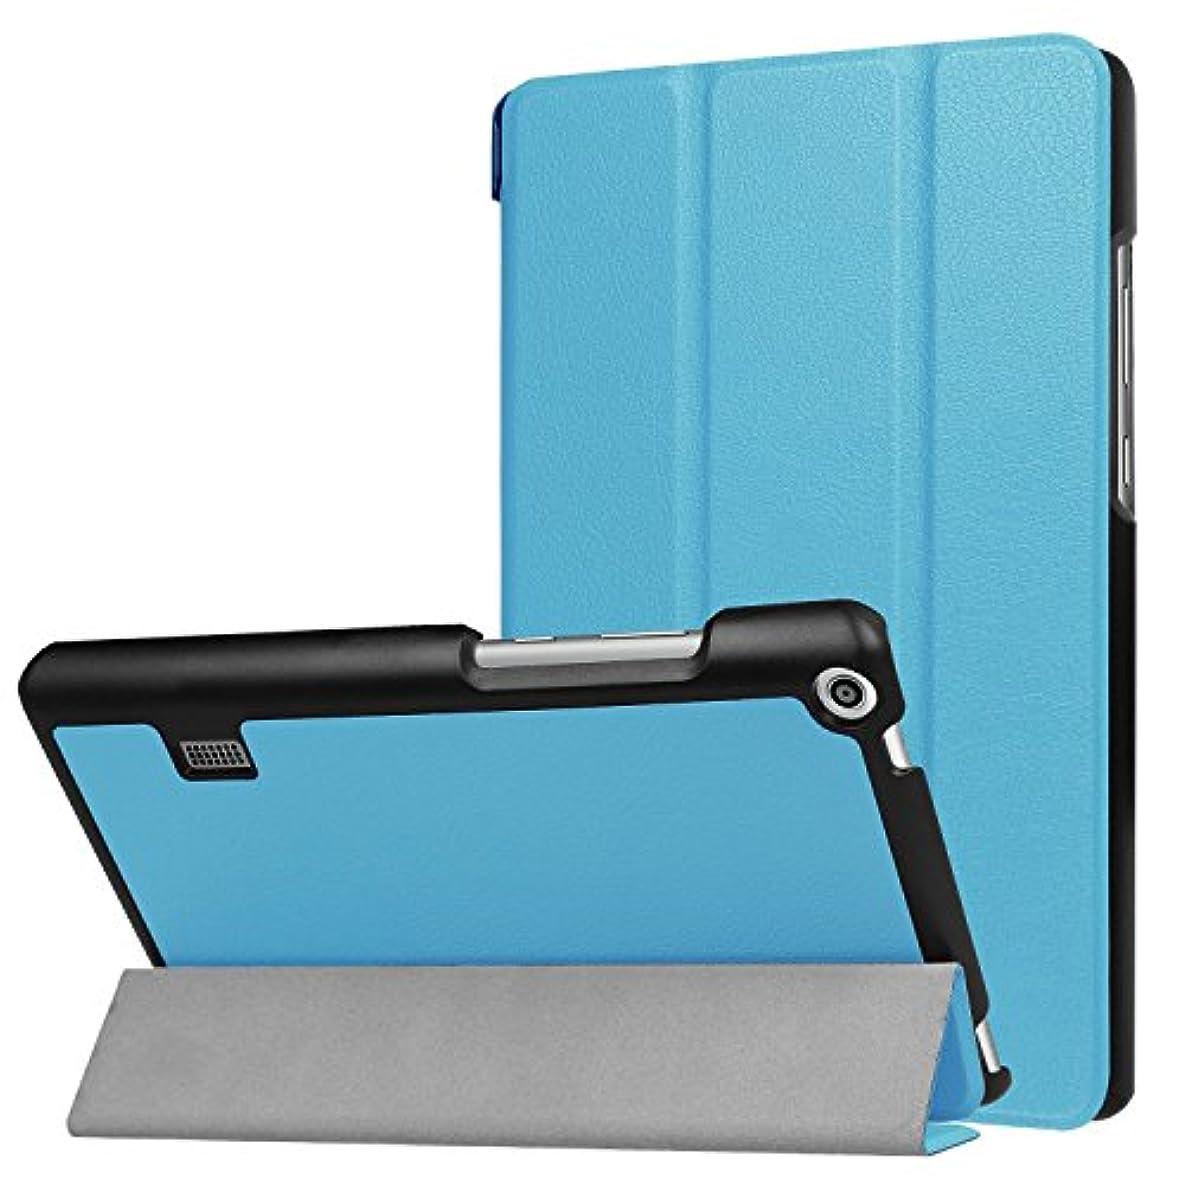 家庭有害な前方へAsng Huawei MediaPad T3 7.0 ケース Huawei MediaPad T3 7.0 カバー 三つ折スタンドカバー マグネット開閉式オートースリップケース 極薄型 傷つけ防止ケース (スカイブルー)